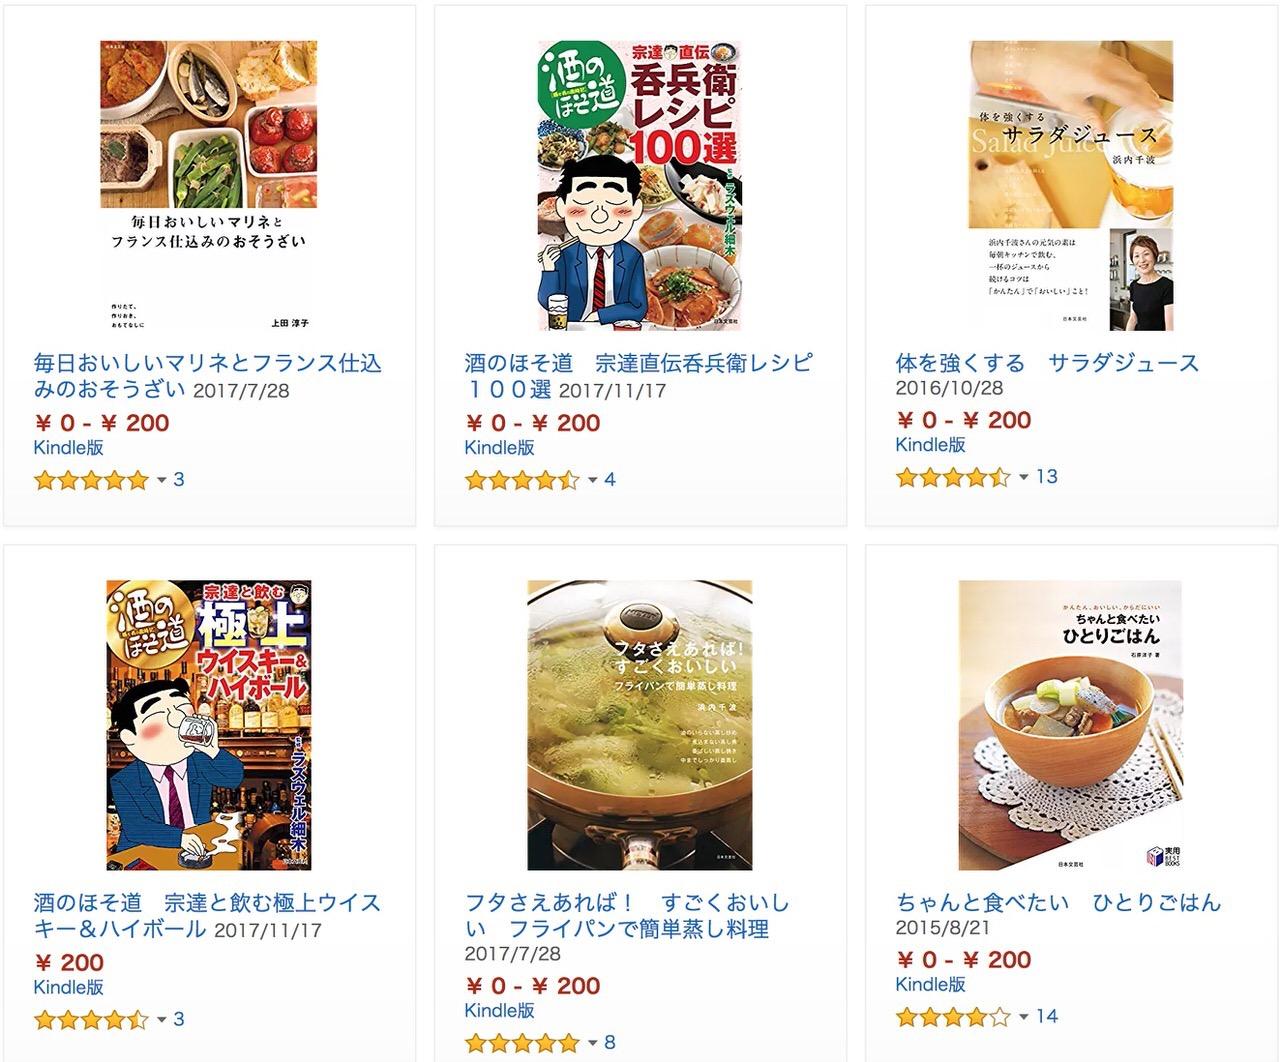 【Kindleセール】200円均一「おいしいレシピが満載!毎日使える料理本フェア」開催中(8/23まで)